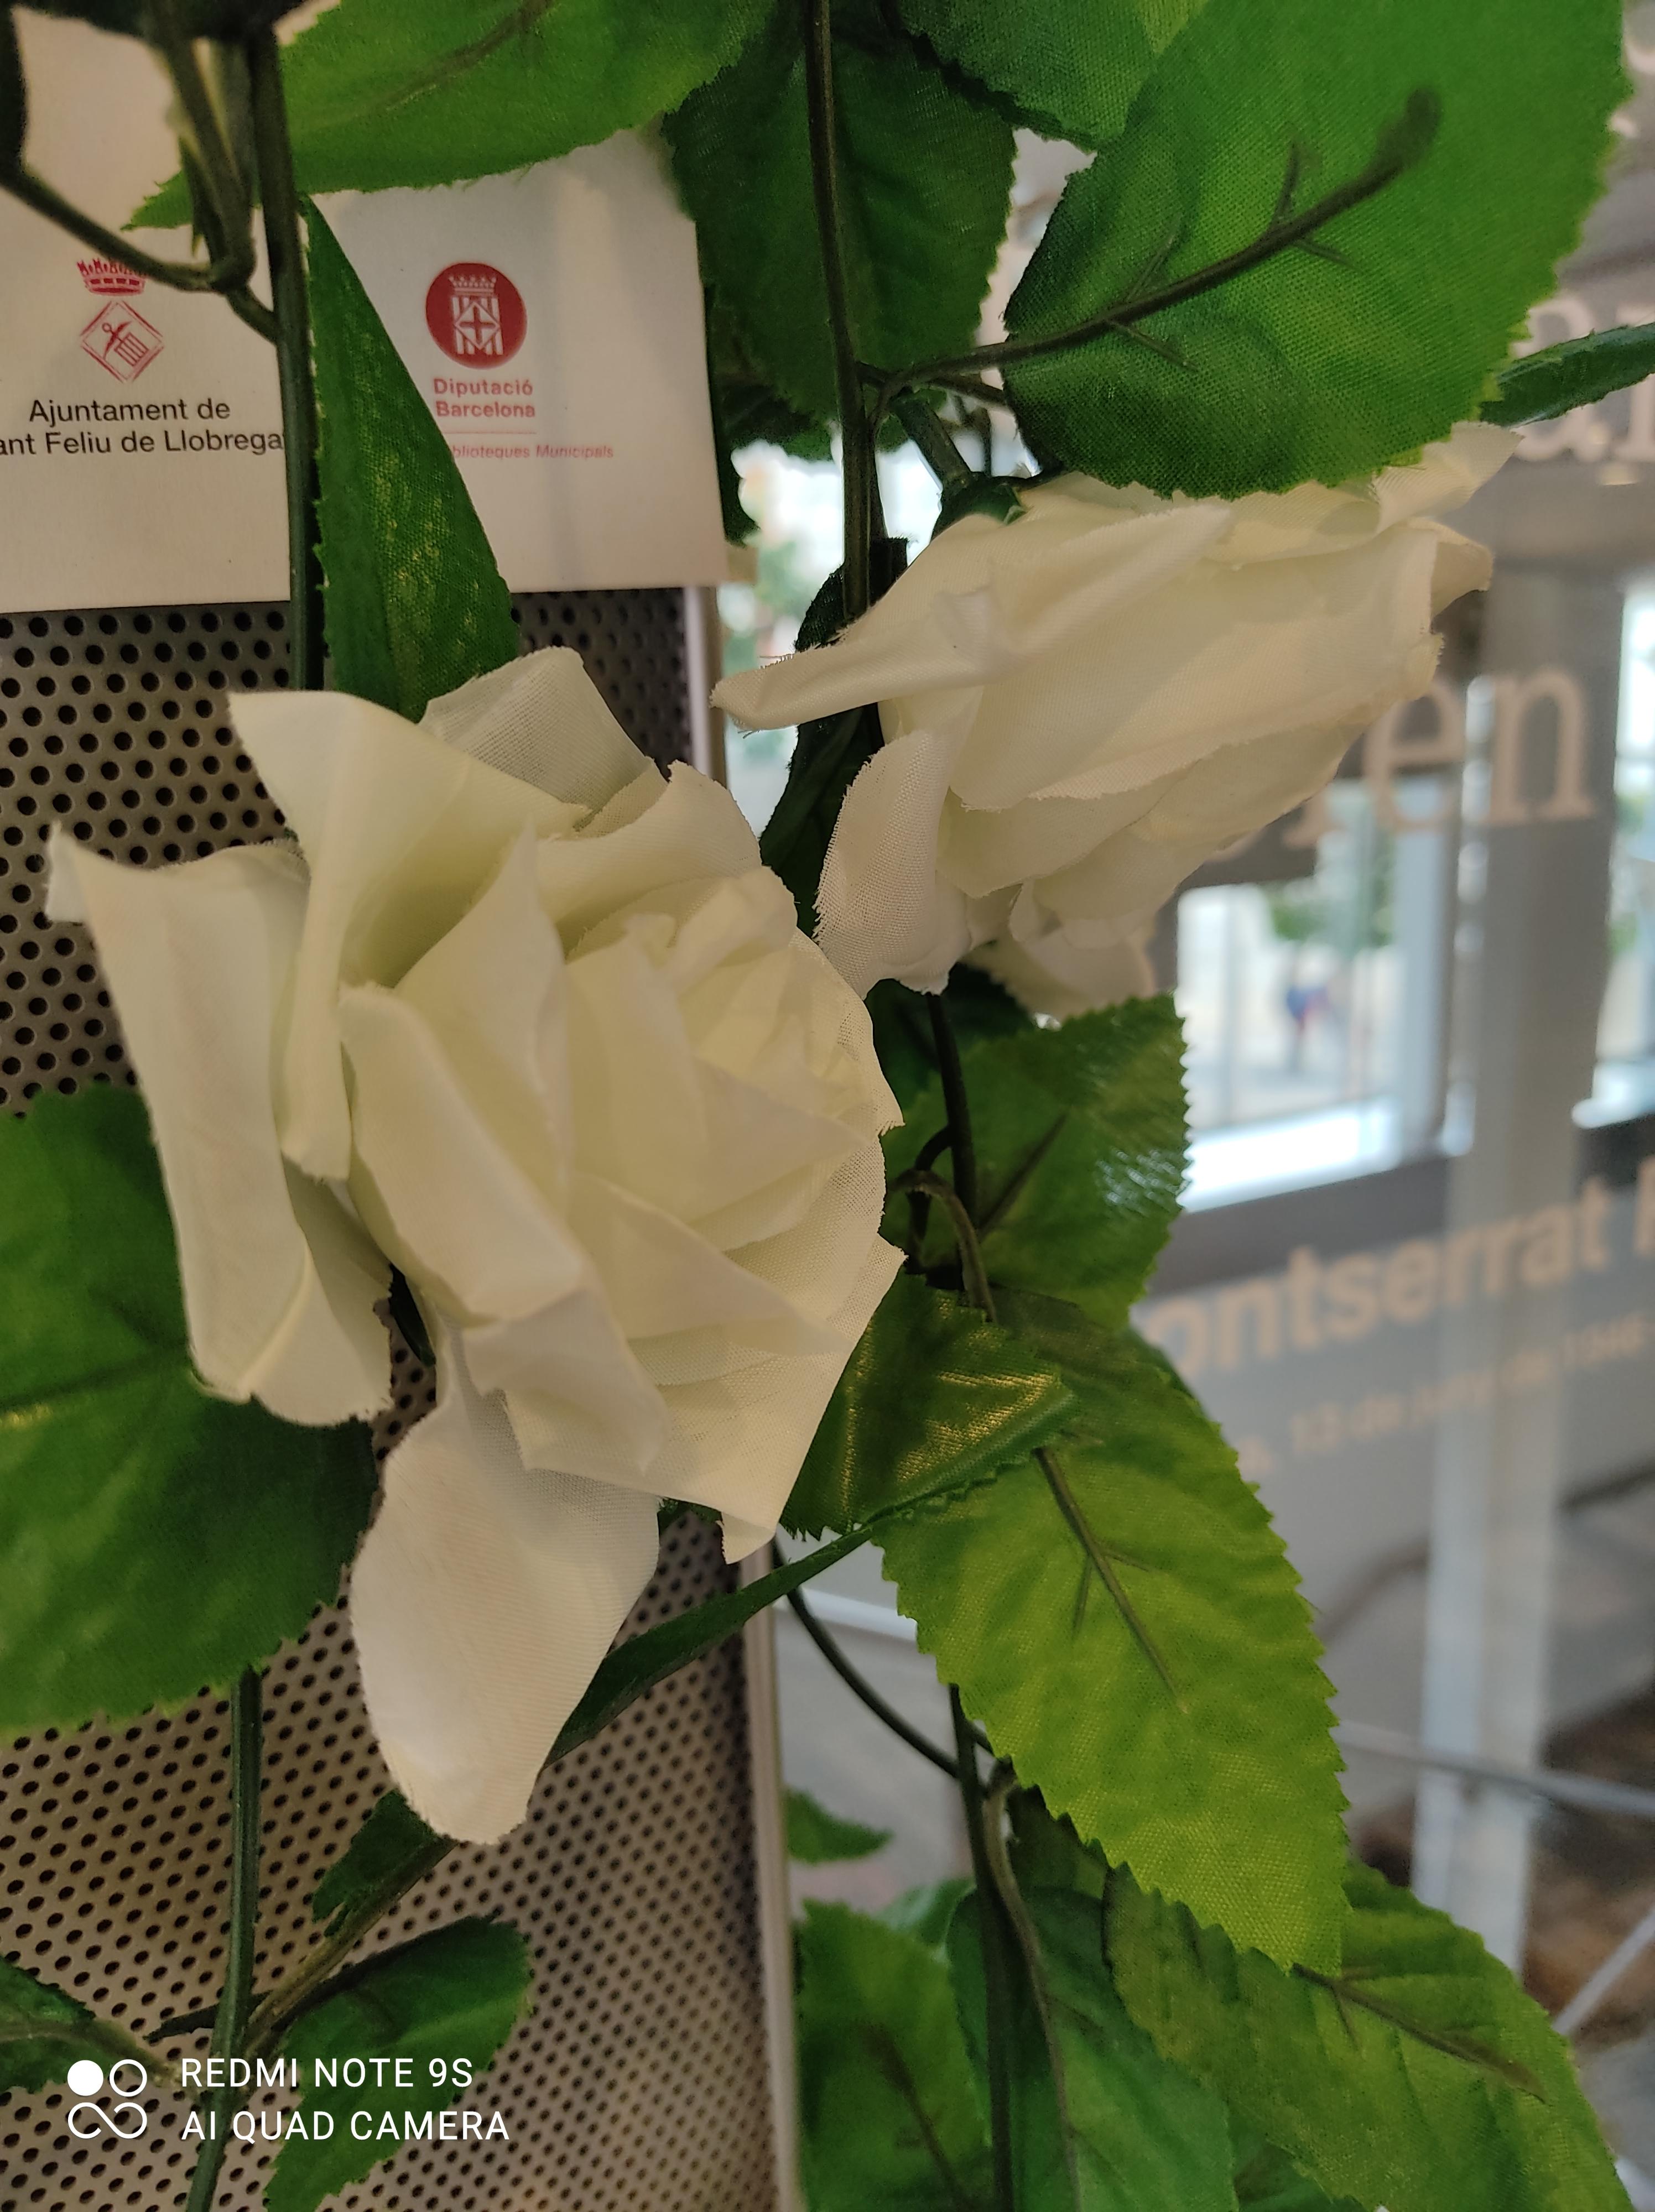 Imatge d'un detall d'una rosa